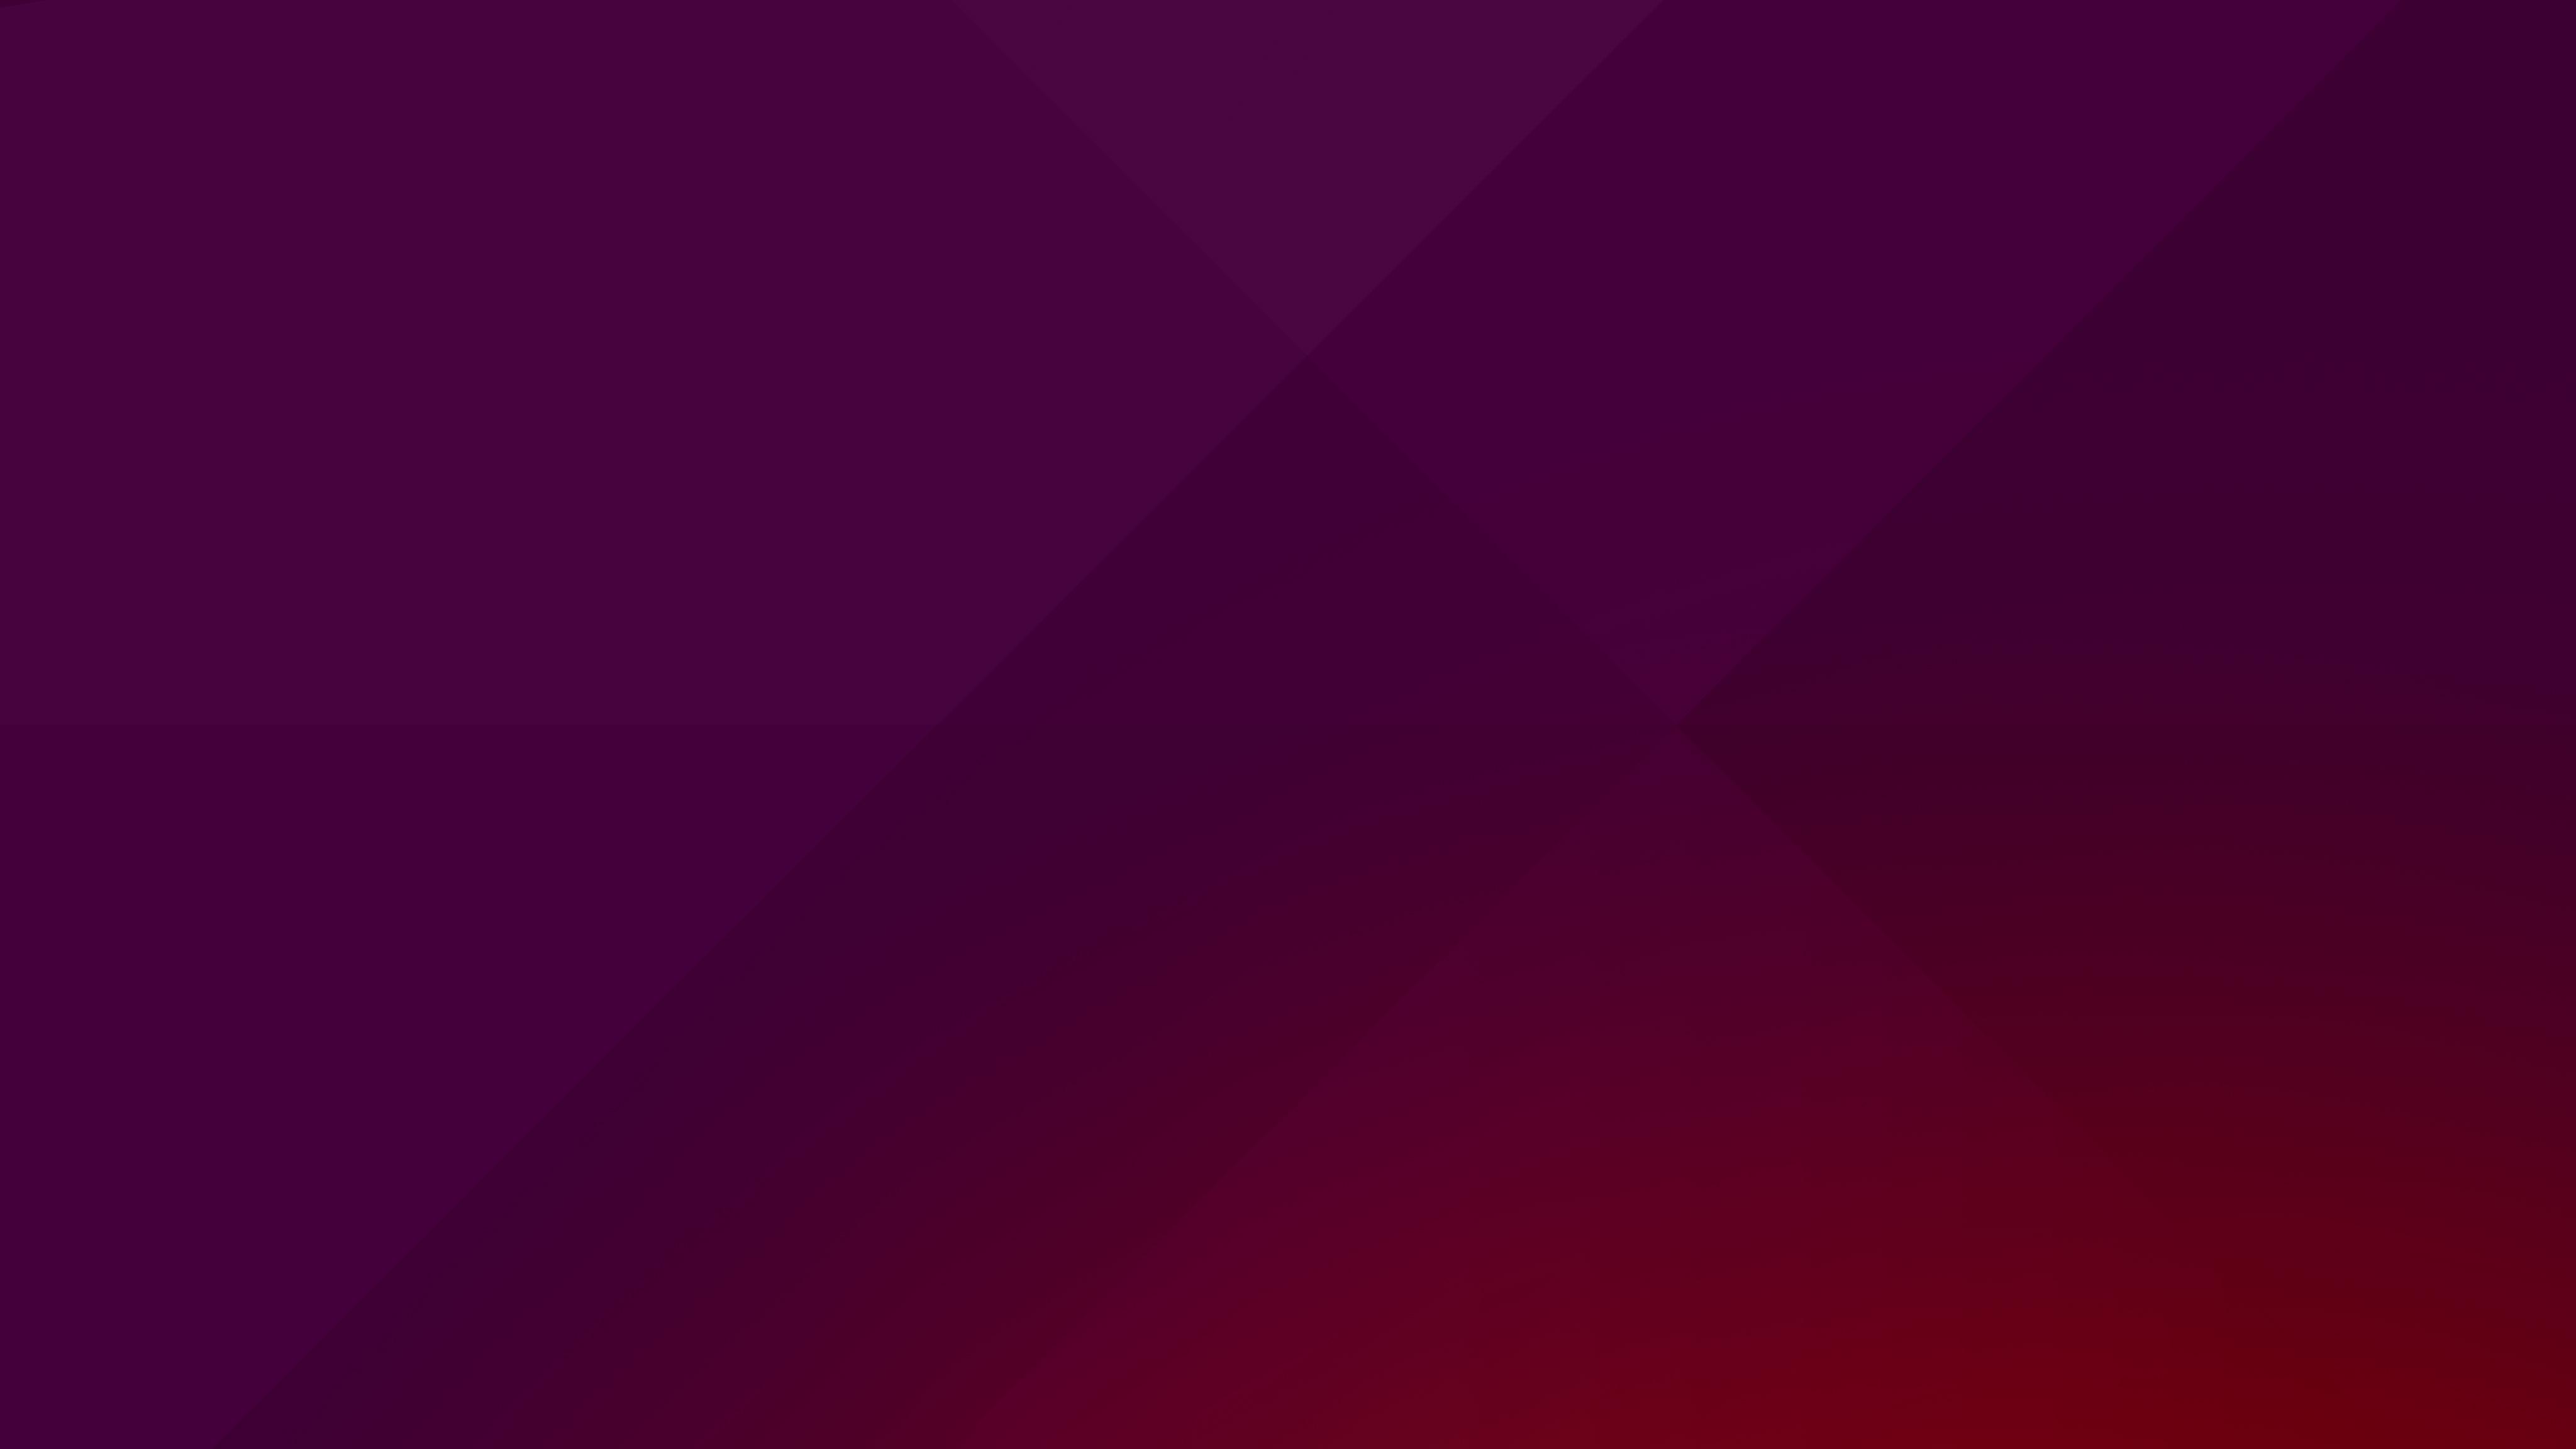 The Ubuntu 1504 default desktop wallpaper 4096x2304